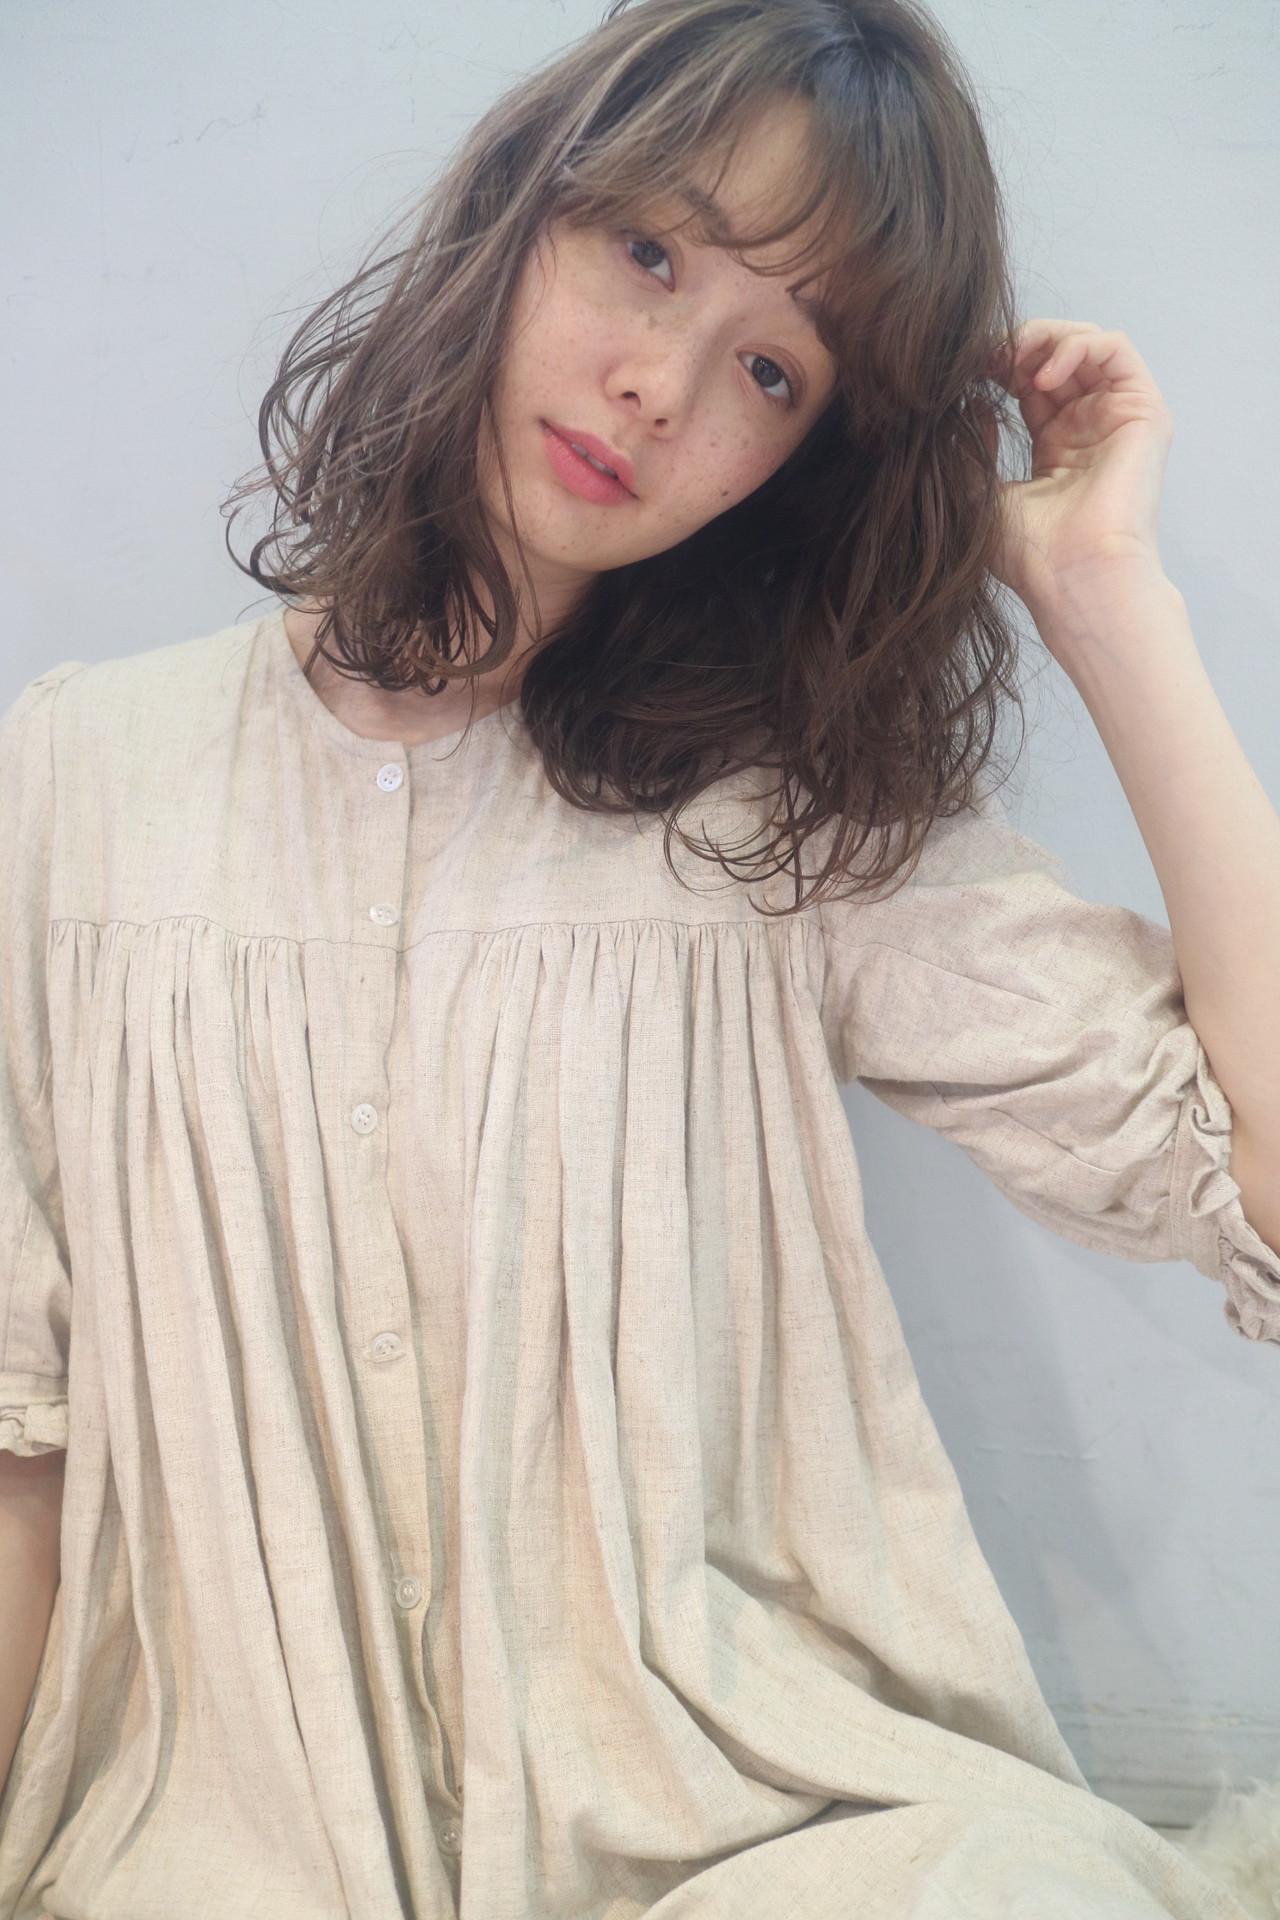 波巻き ブルーアッシュ 暗髪 ガーリーヘアスタイルや髪型の写真・画像